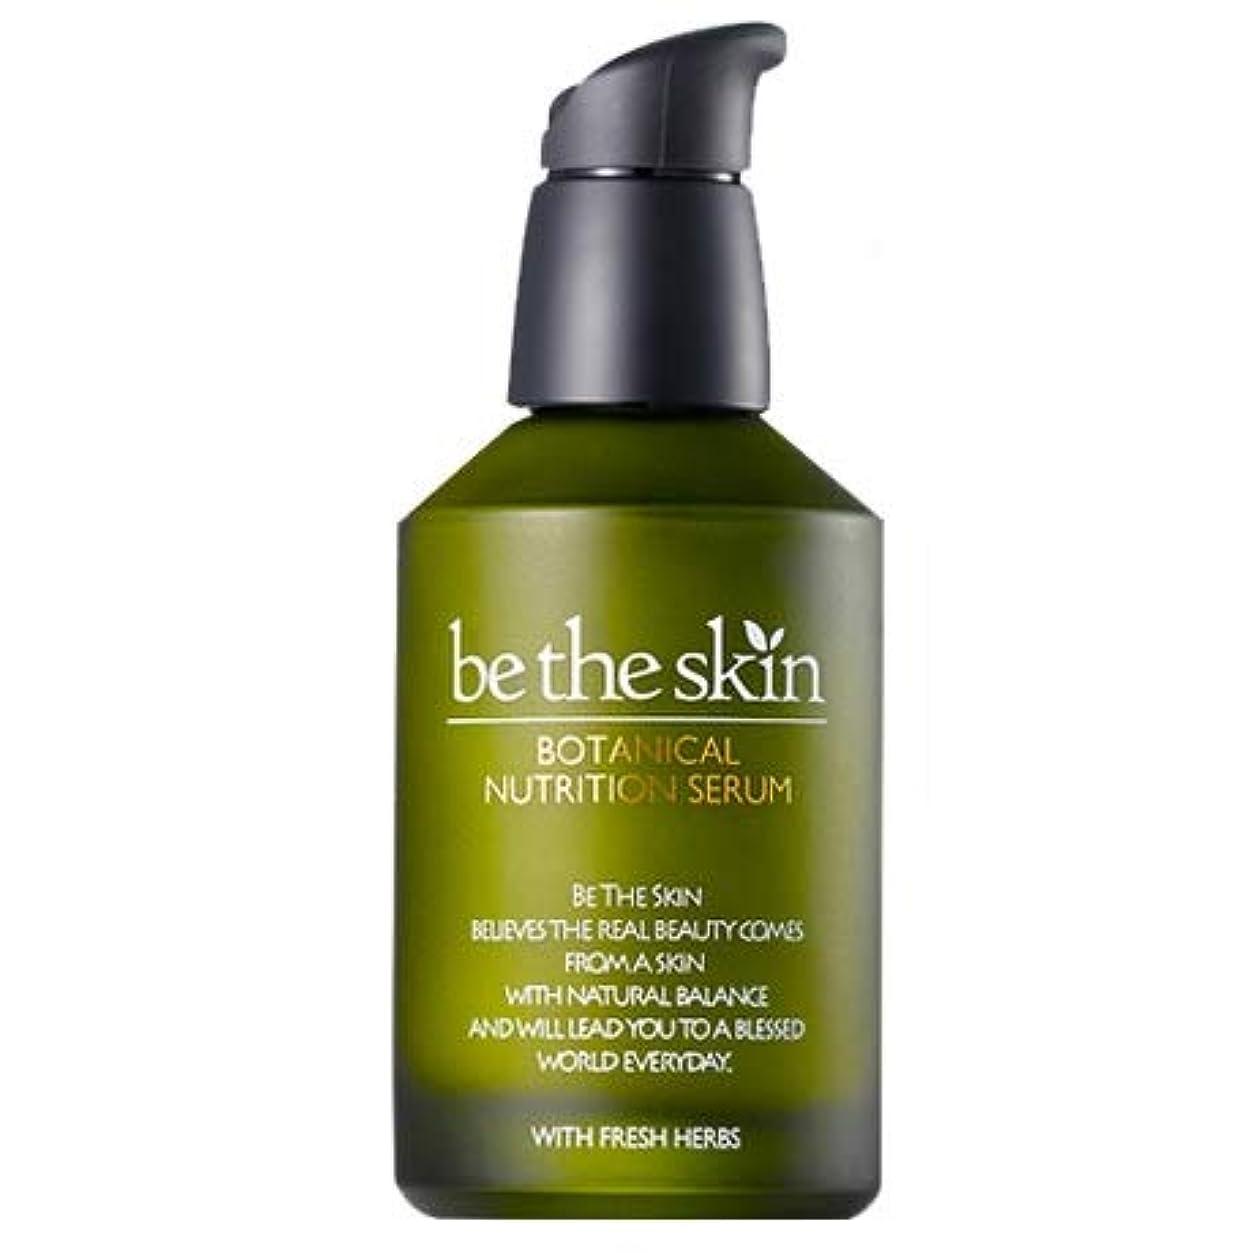 露出度の高い最少例外be the skin ボタニカル ニュートリション セラム / Botanical Nutrition Serum (50ml) [並行輸入品]